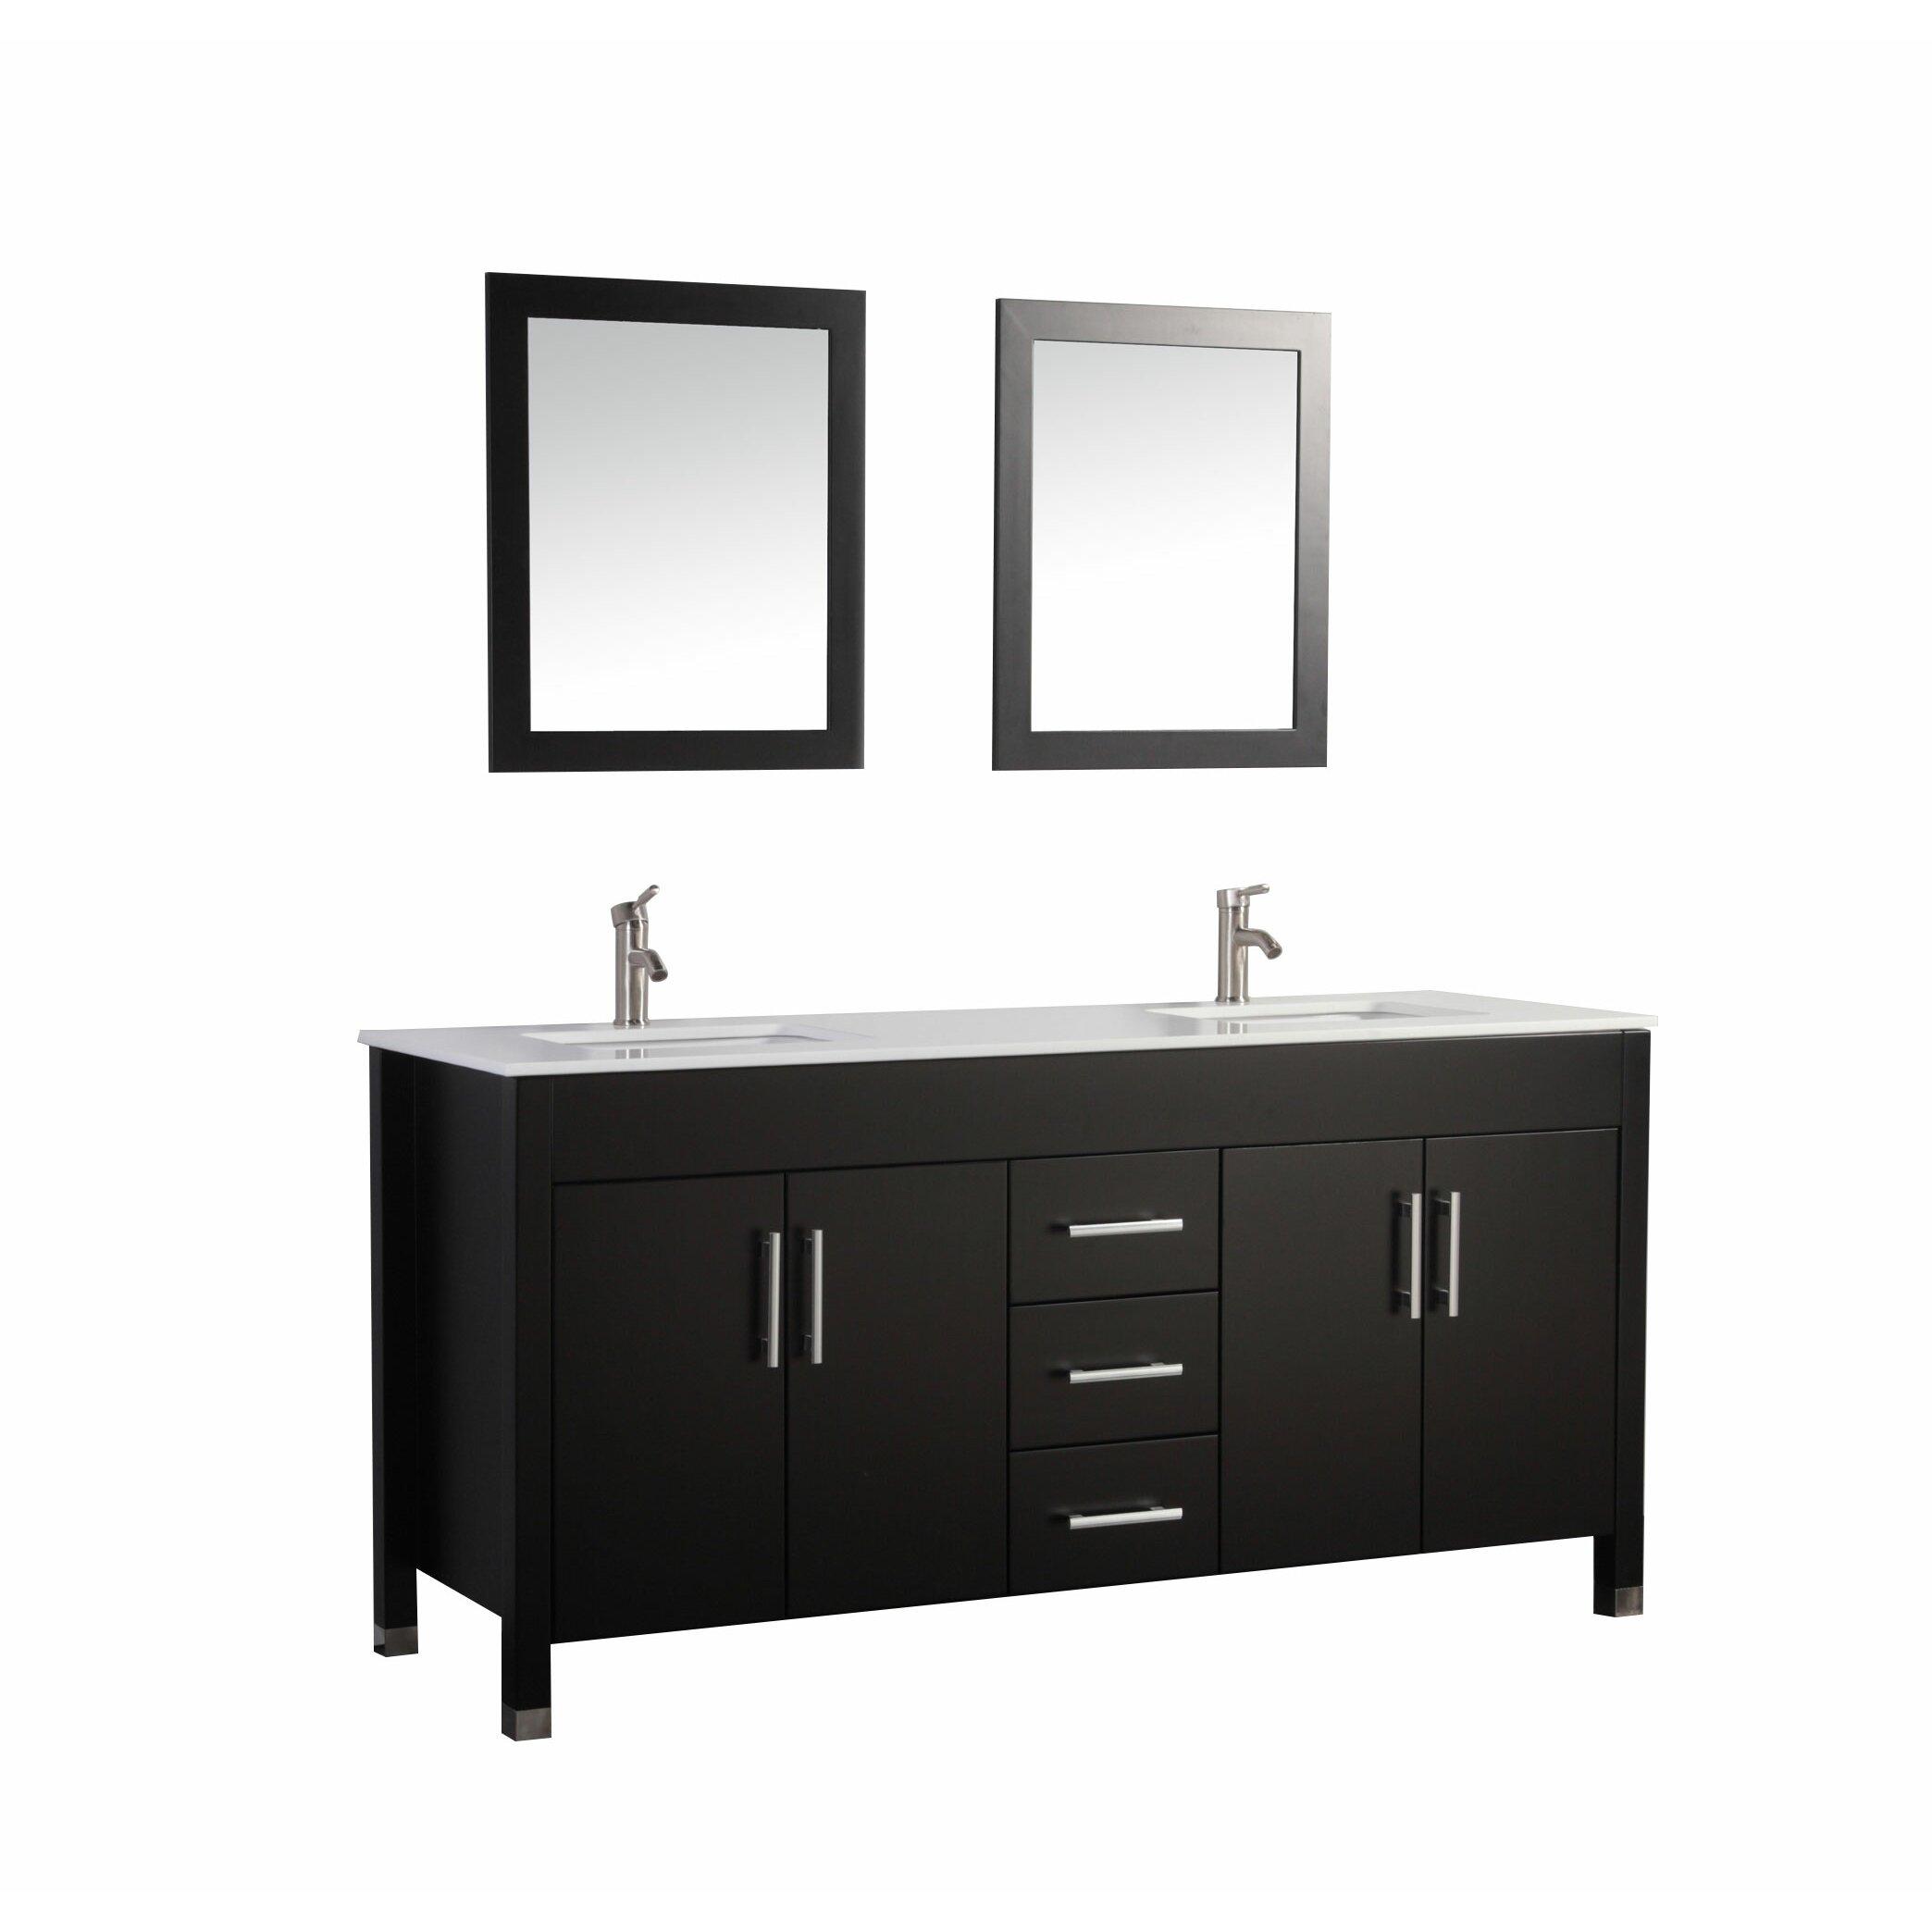 Mtdvanities Monaco 63 Double Sink Bathroom Vanity Set With Mirrors Reviews Wayfair